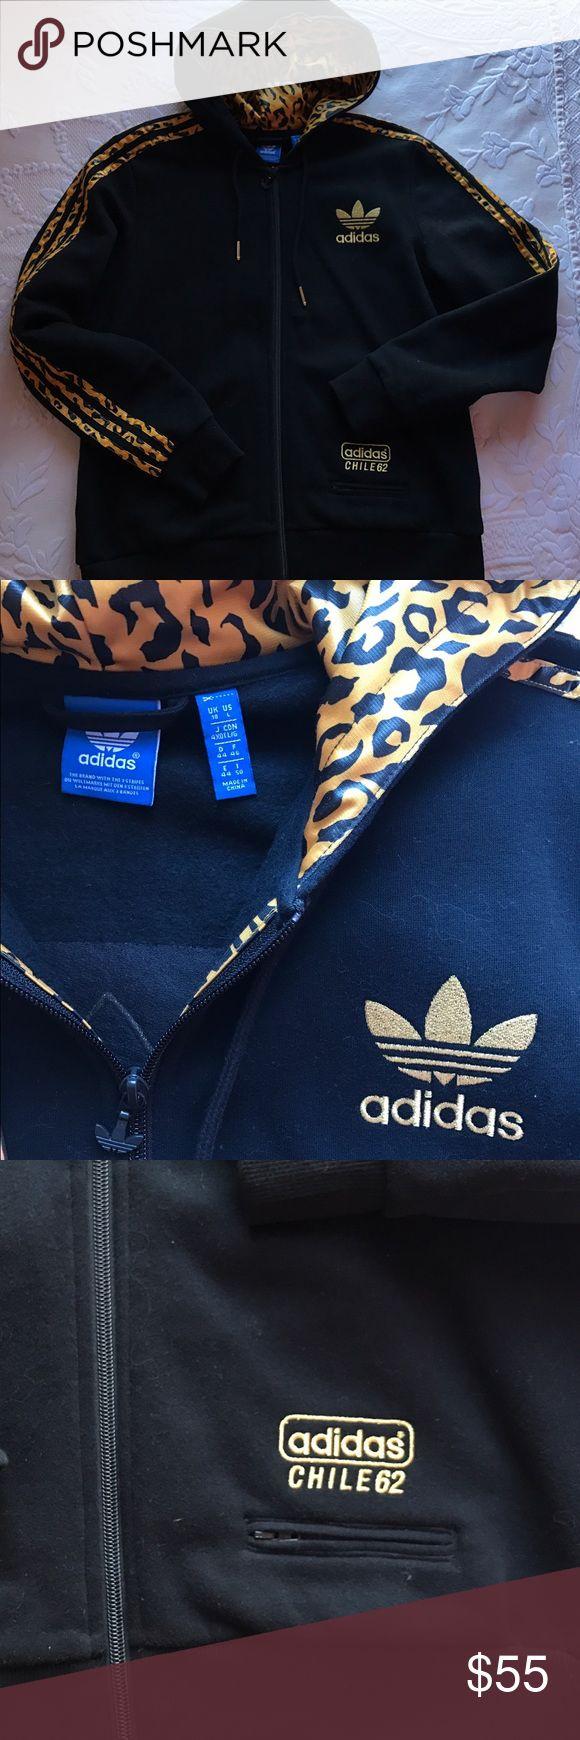 Chile Adidas Veste 62 En achat Ligne Leopard HwHxnr